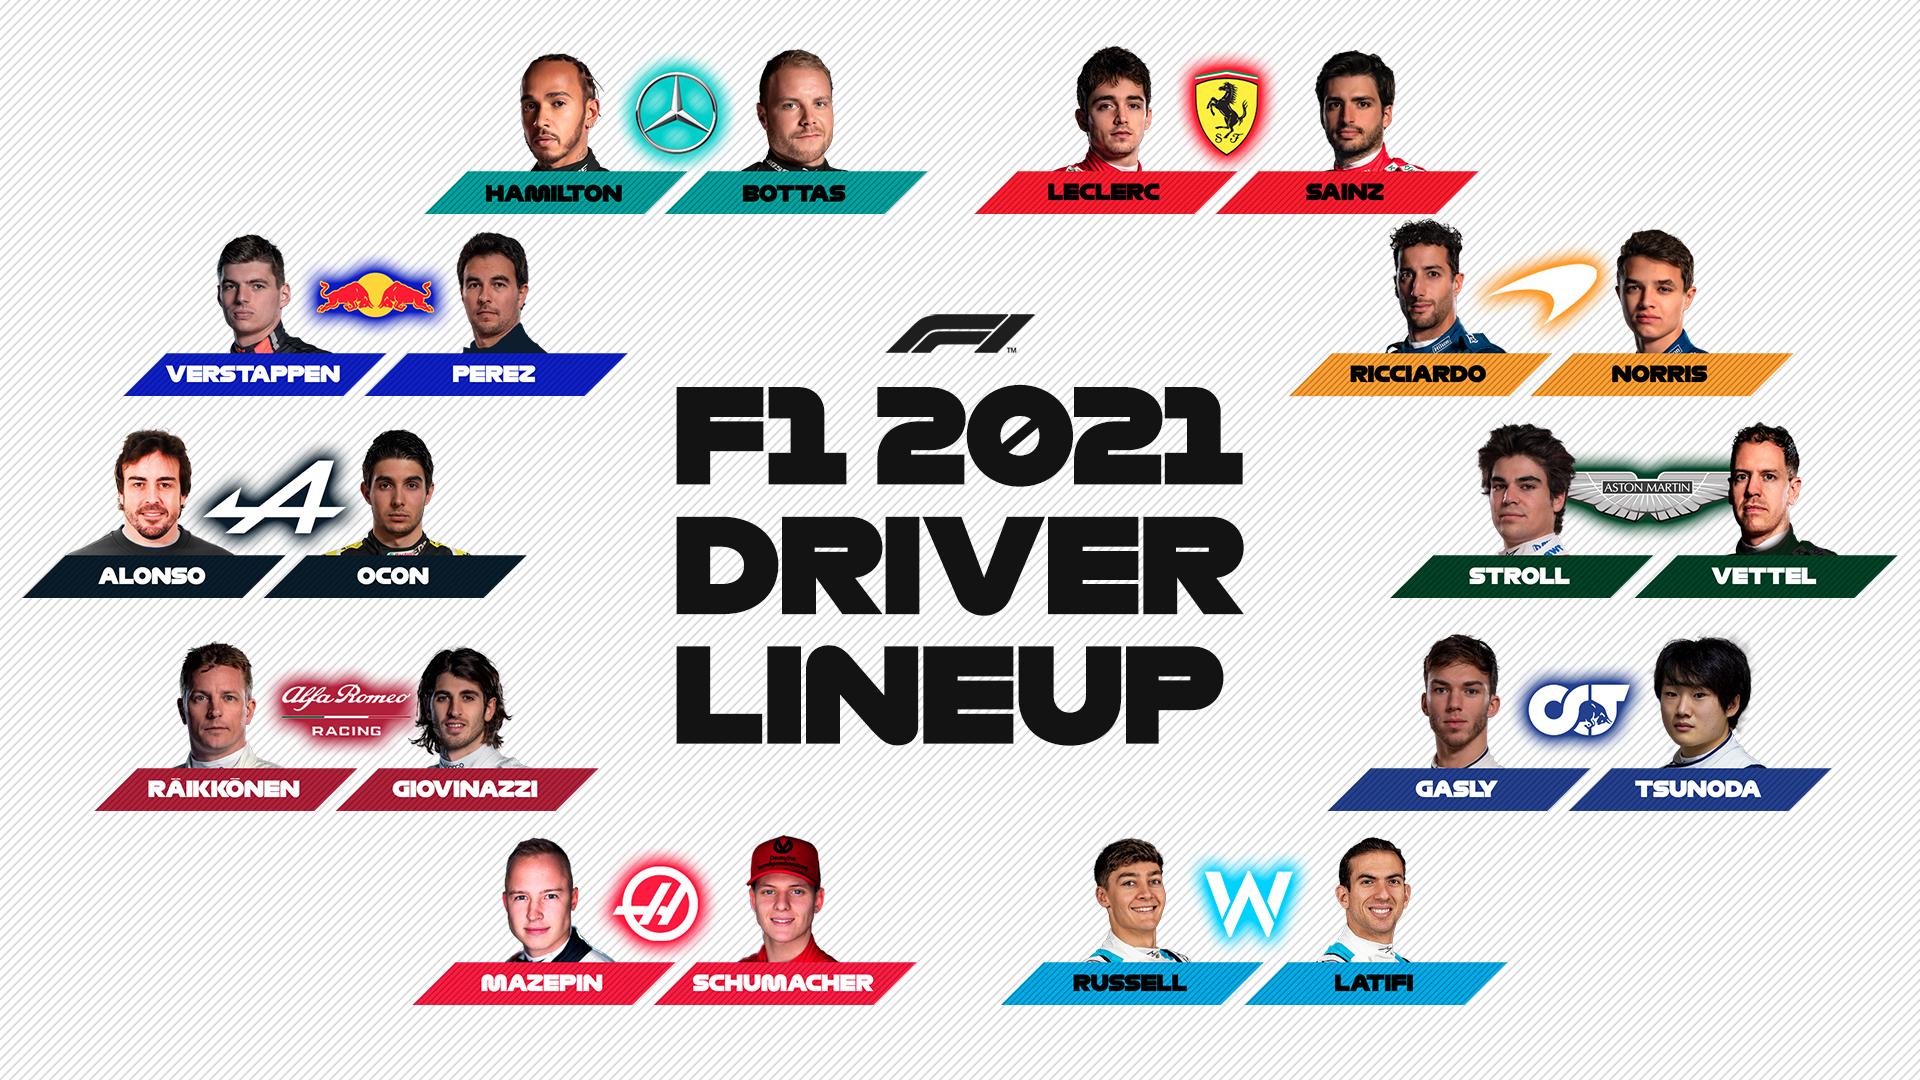 Les 20 pilotes du championnat de F1 2021